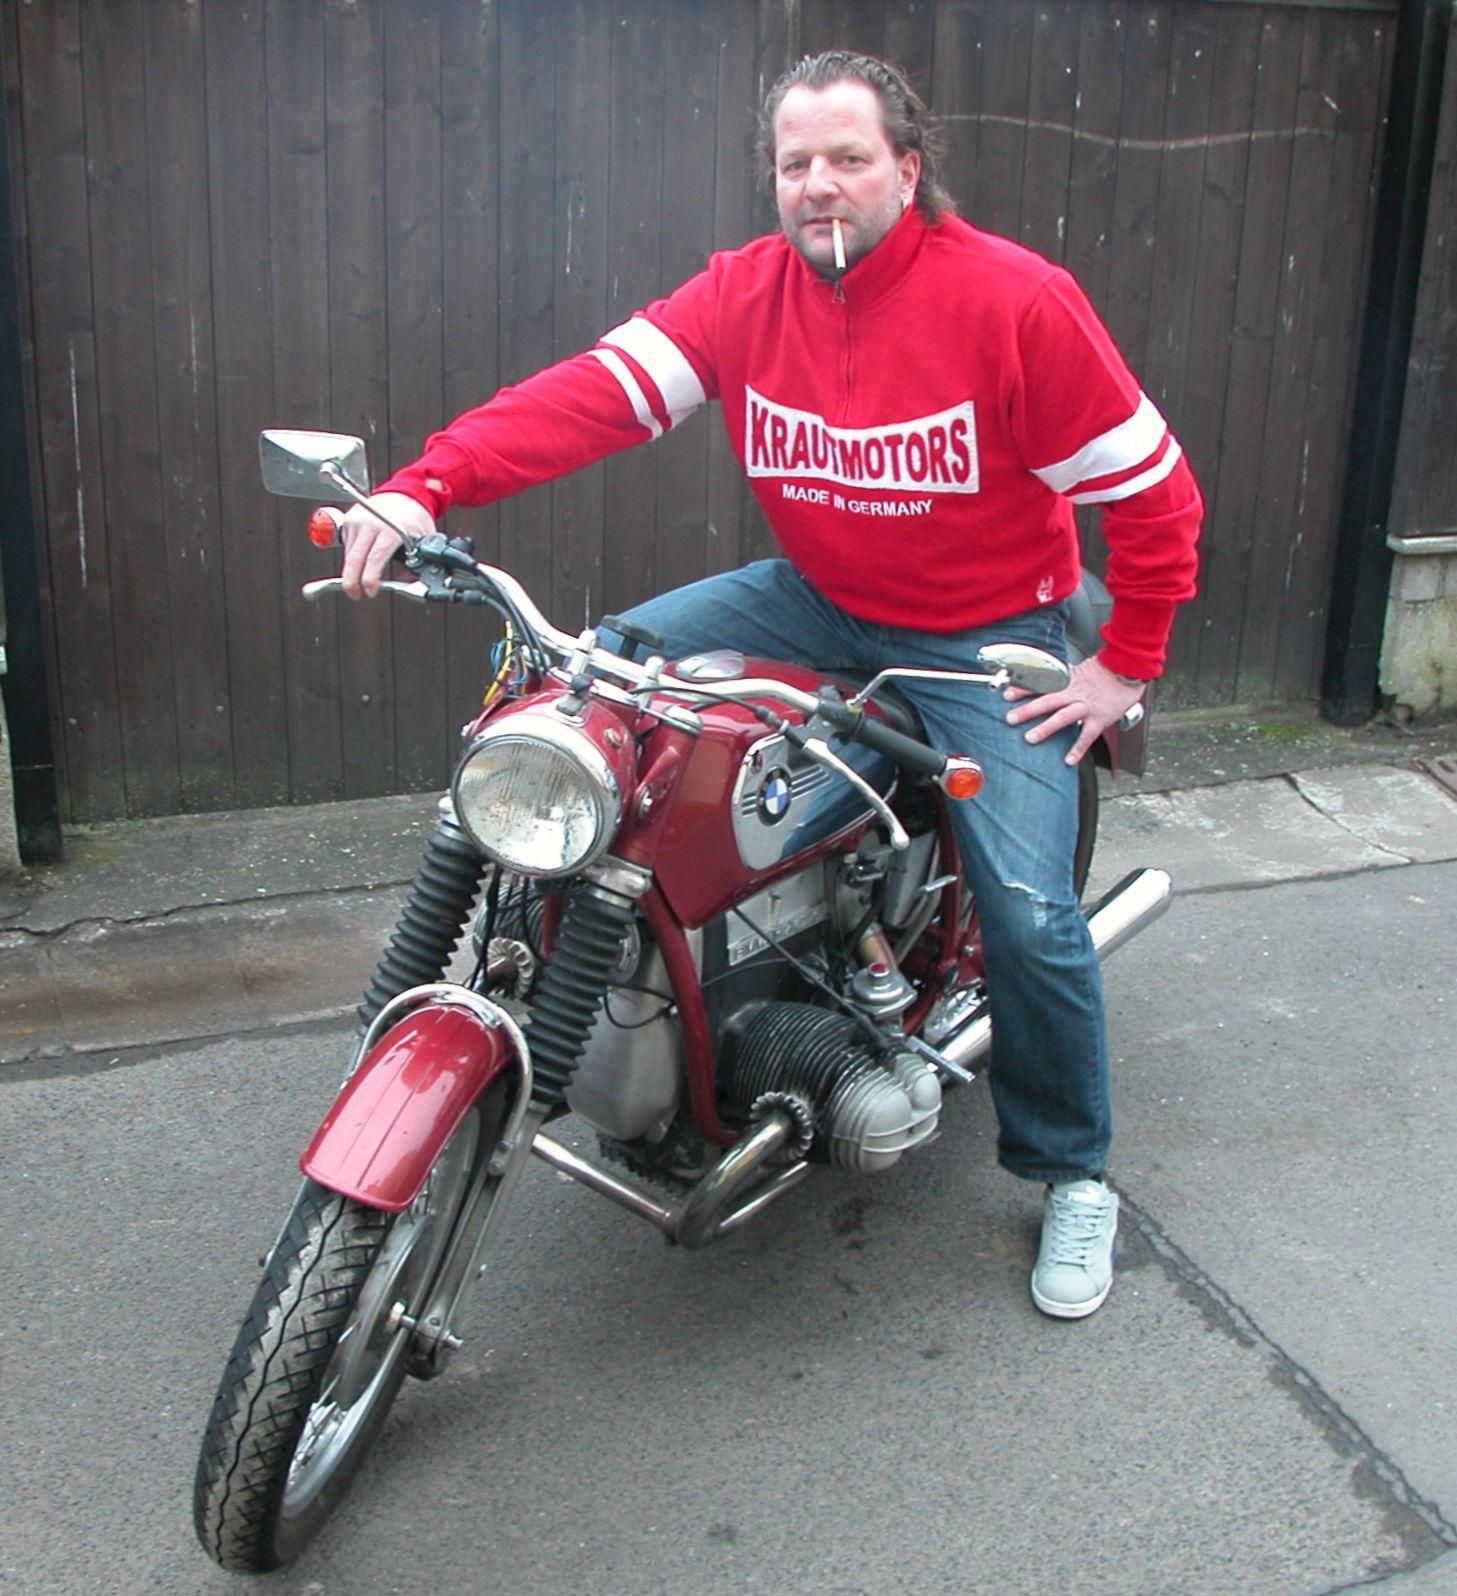 http://www.krautmotors.de/product_info.php/info/p40_Krautmotors--Race-Sweater-.html